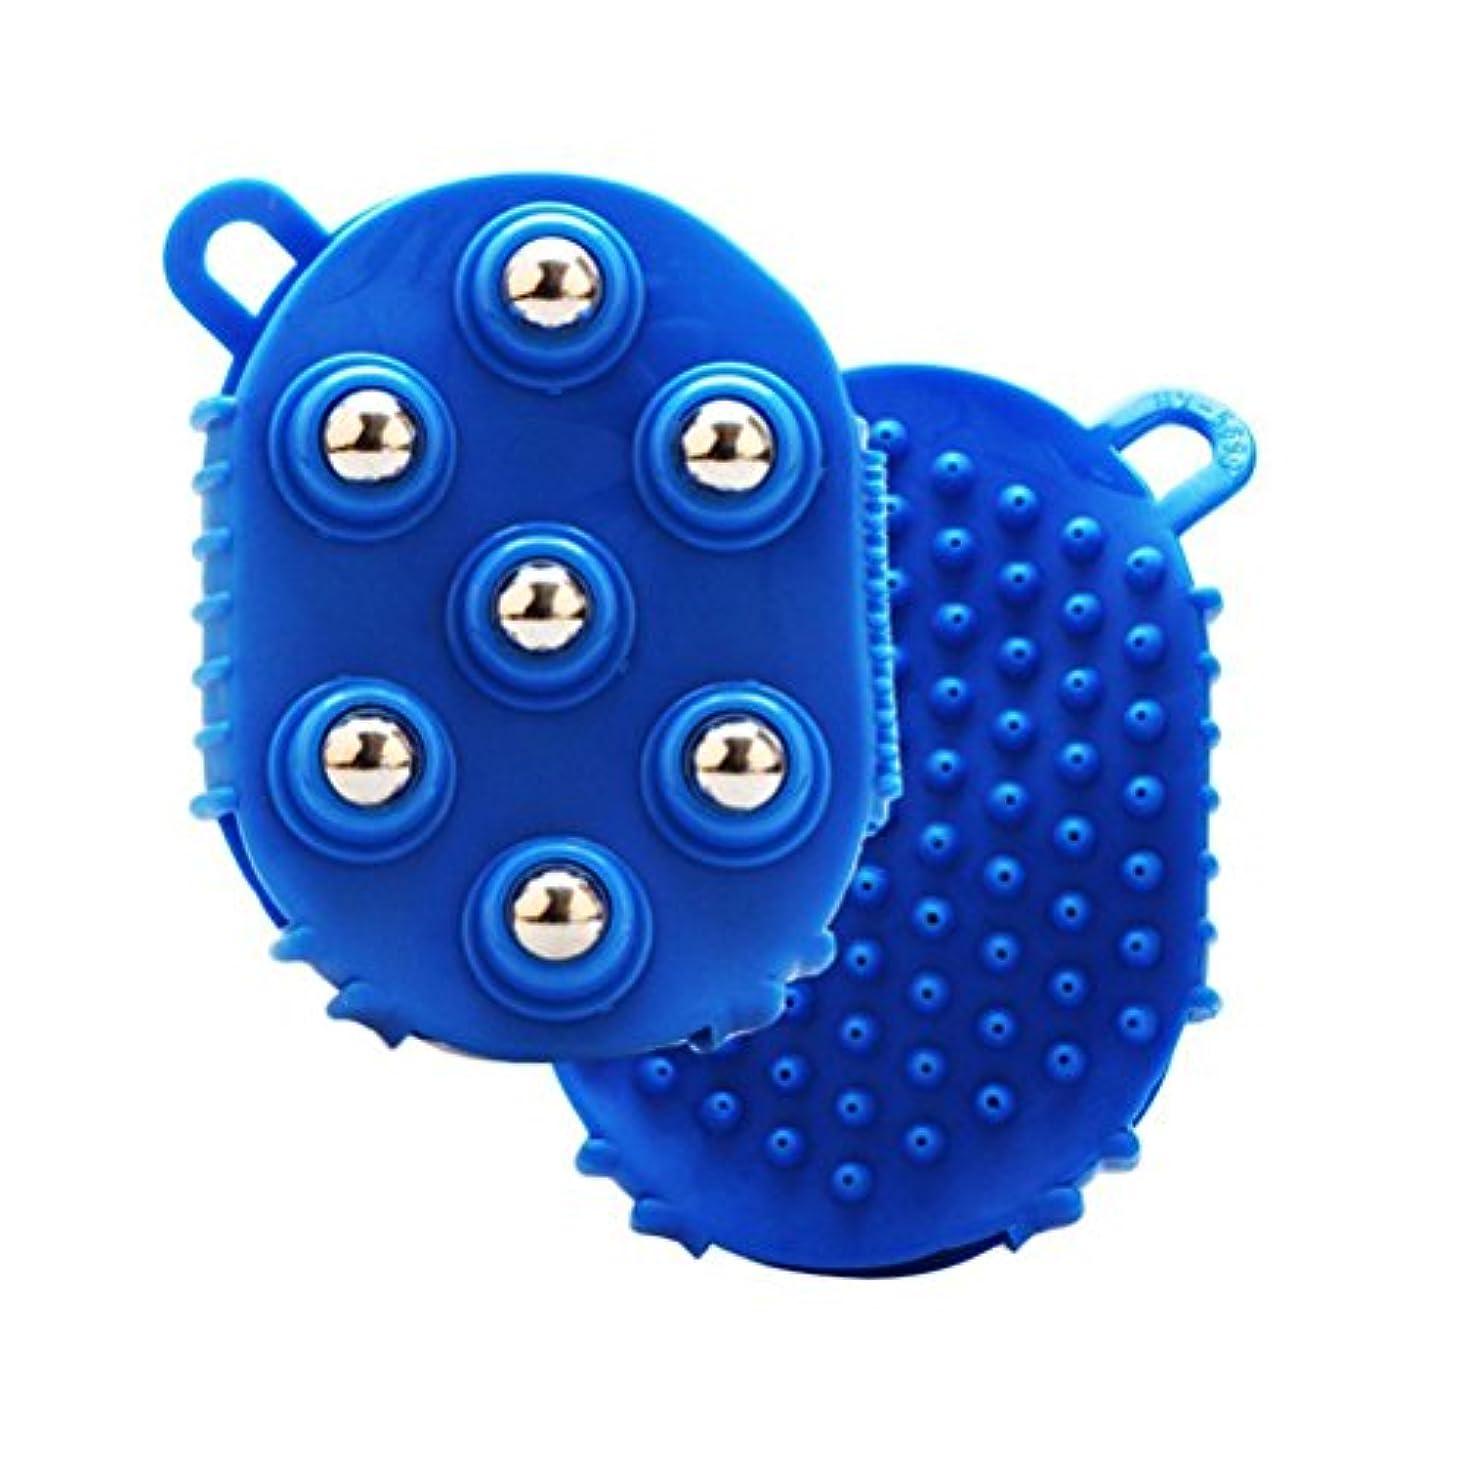 に沿って広々としたピジンROSENICE マッサージブラシ7痛みの筋肉の痛みを軽減するための金属ローラーボールボディマッサージャー(ブルー)